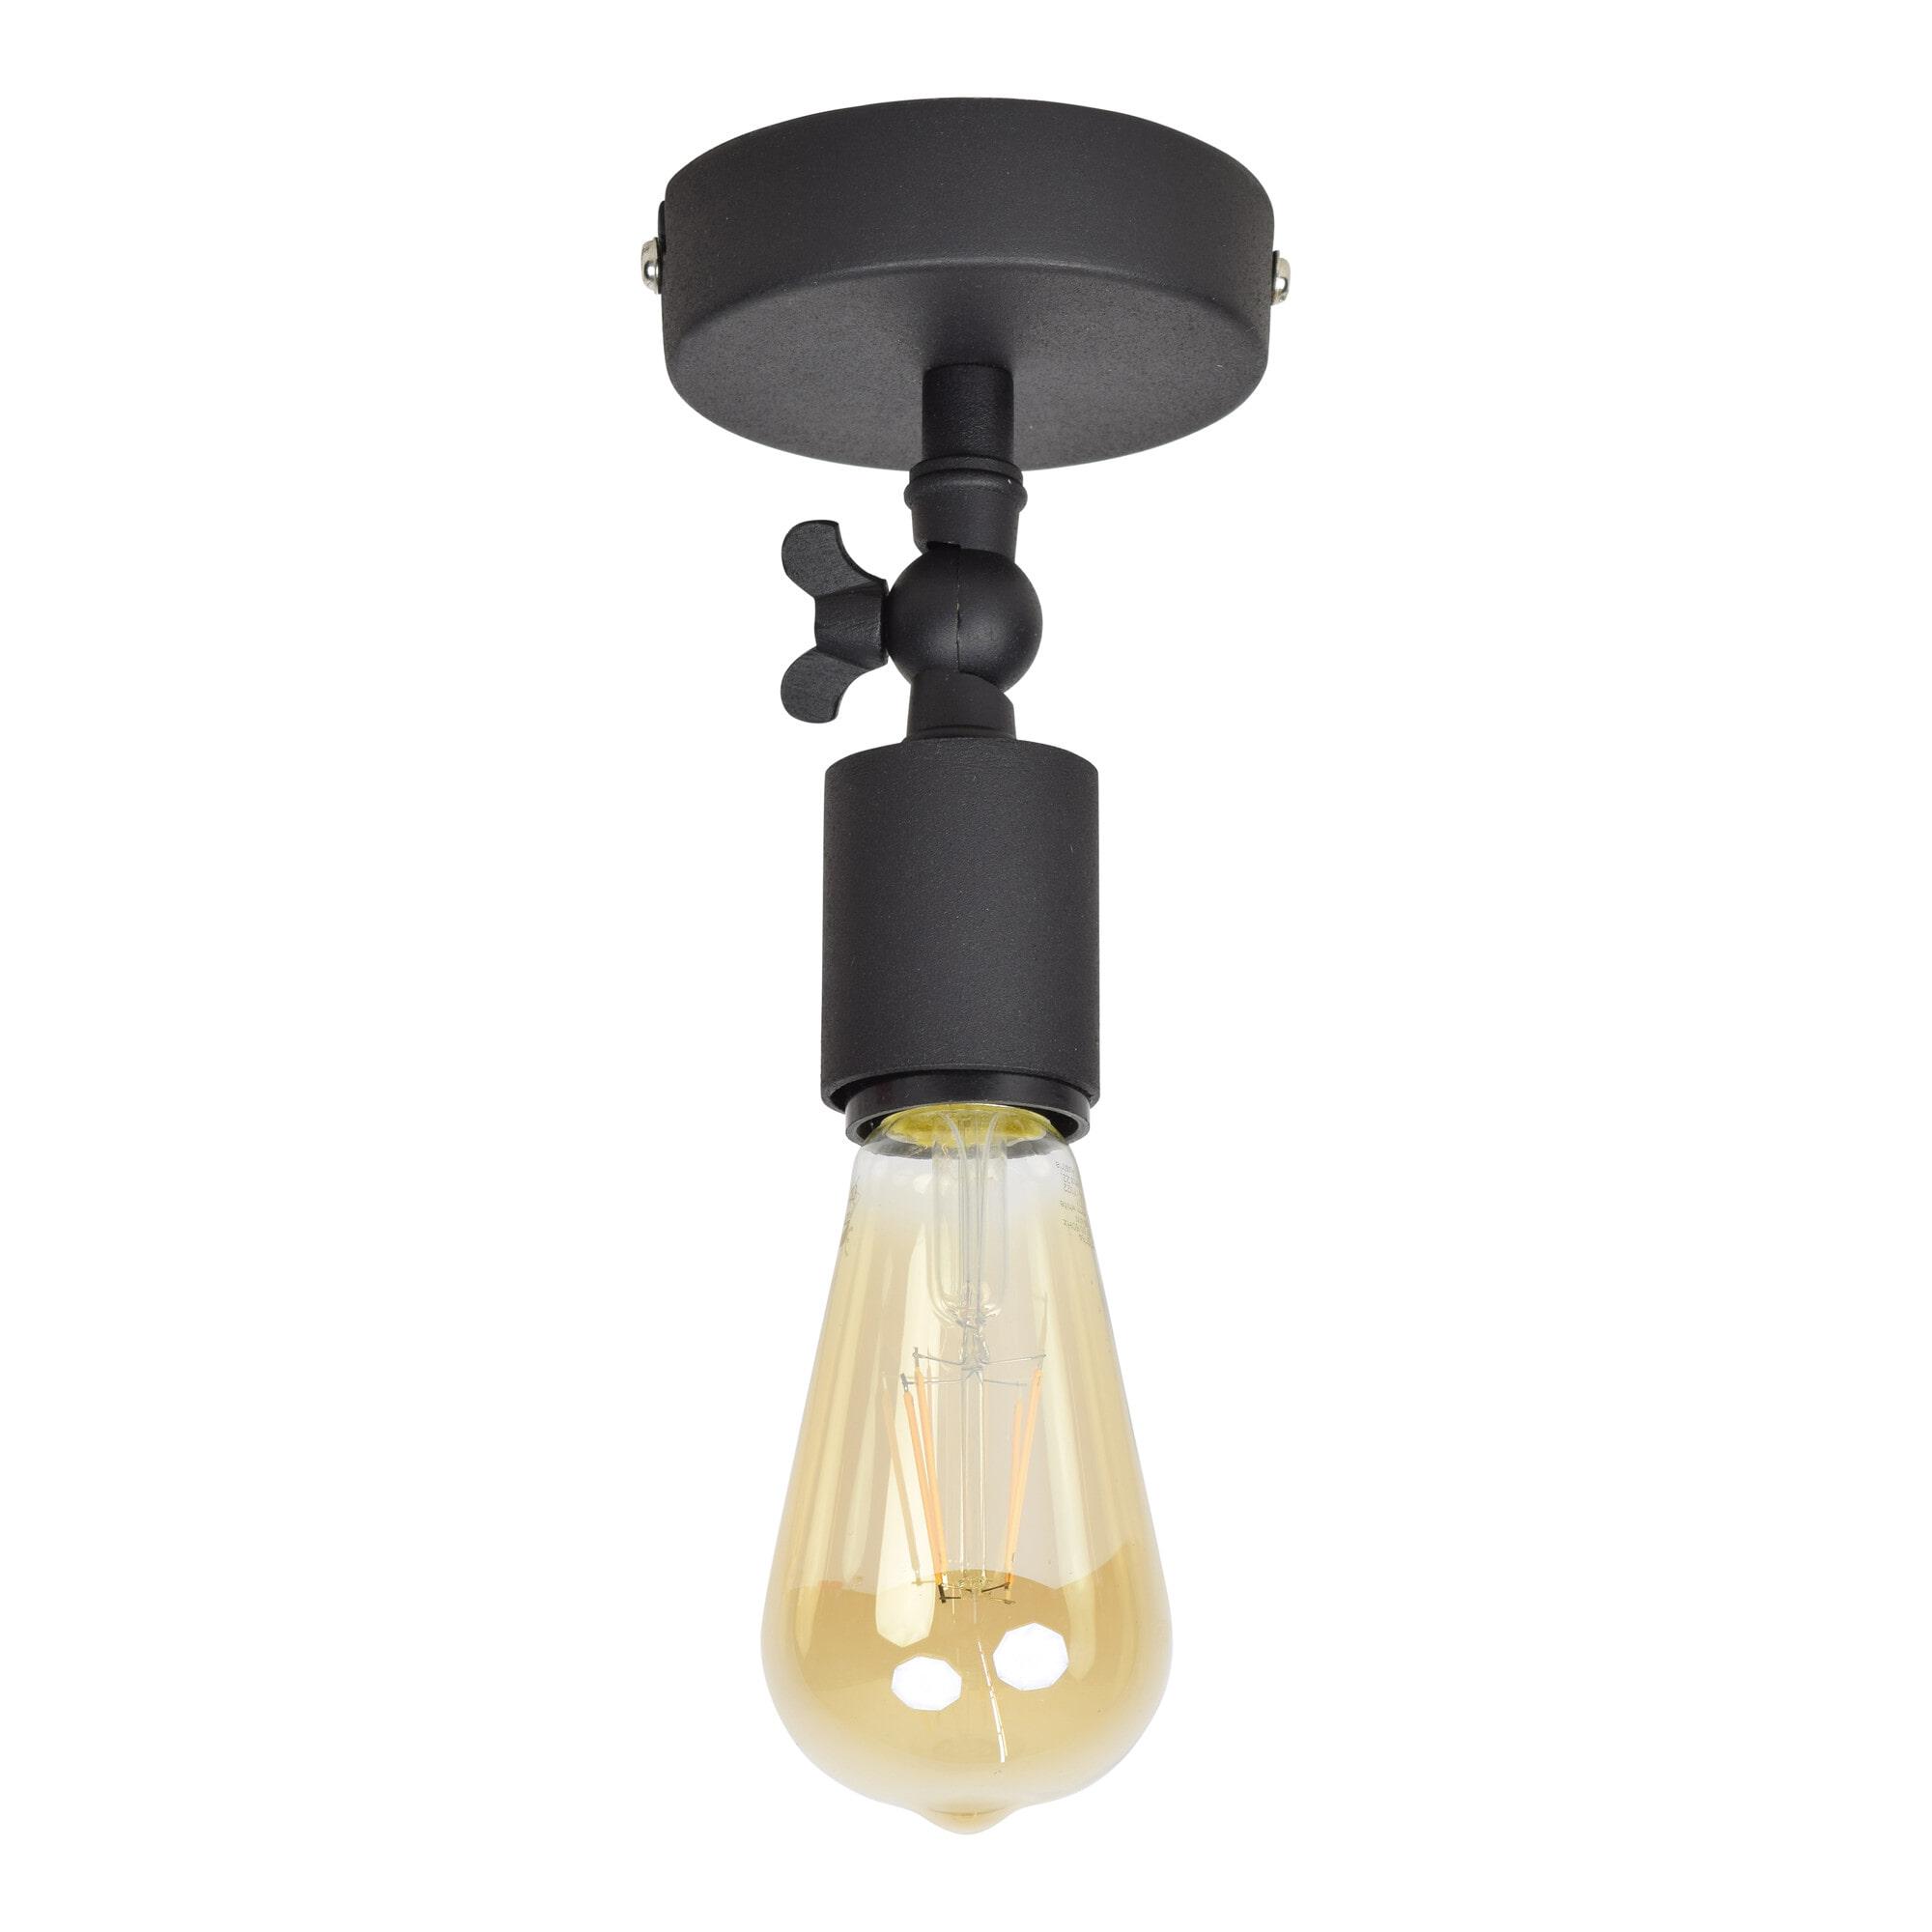 Urban Interiors plafondlamp 'Bulby', kleur Vintage Black Verlichting | Plafondlampen vergelijken doe je het voordeligst hier bij Meubelpartner